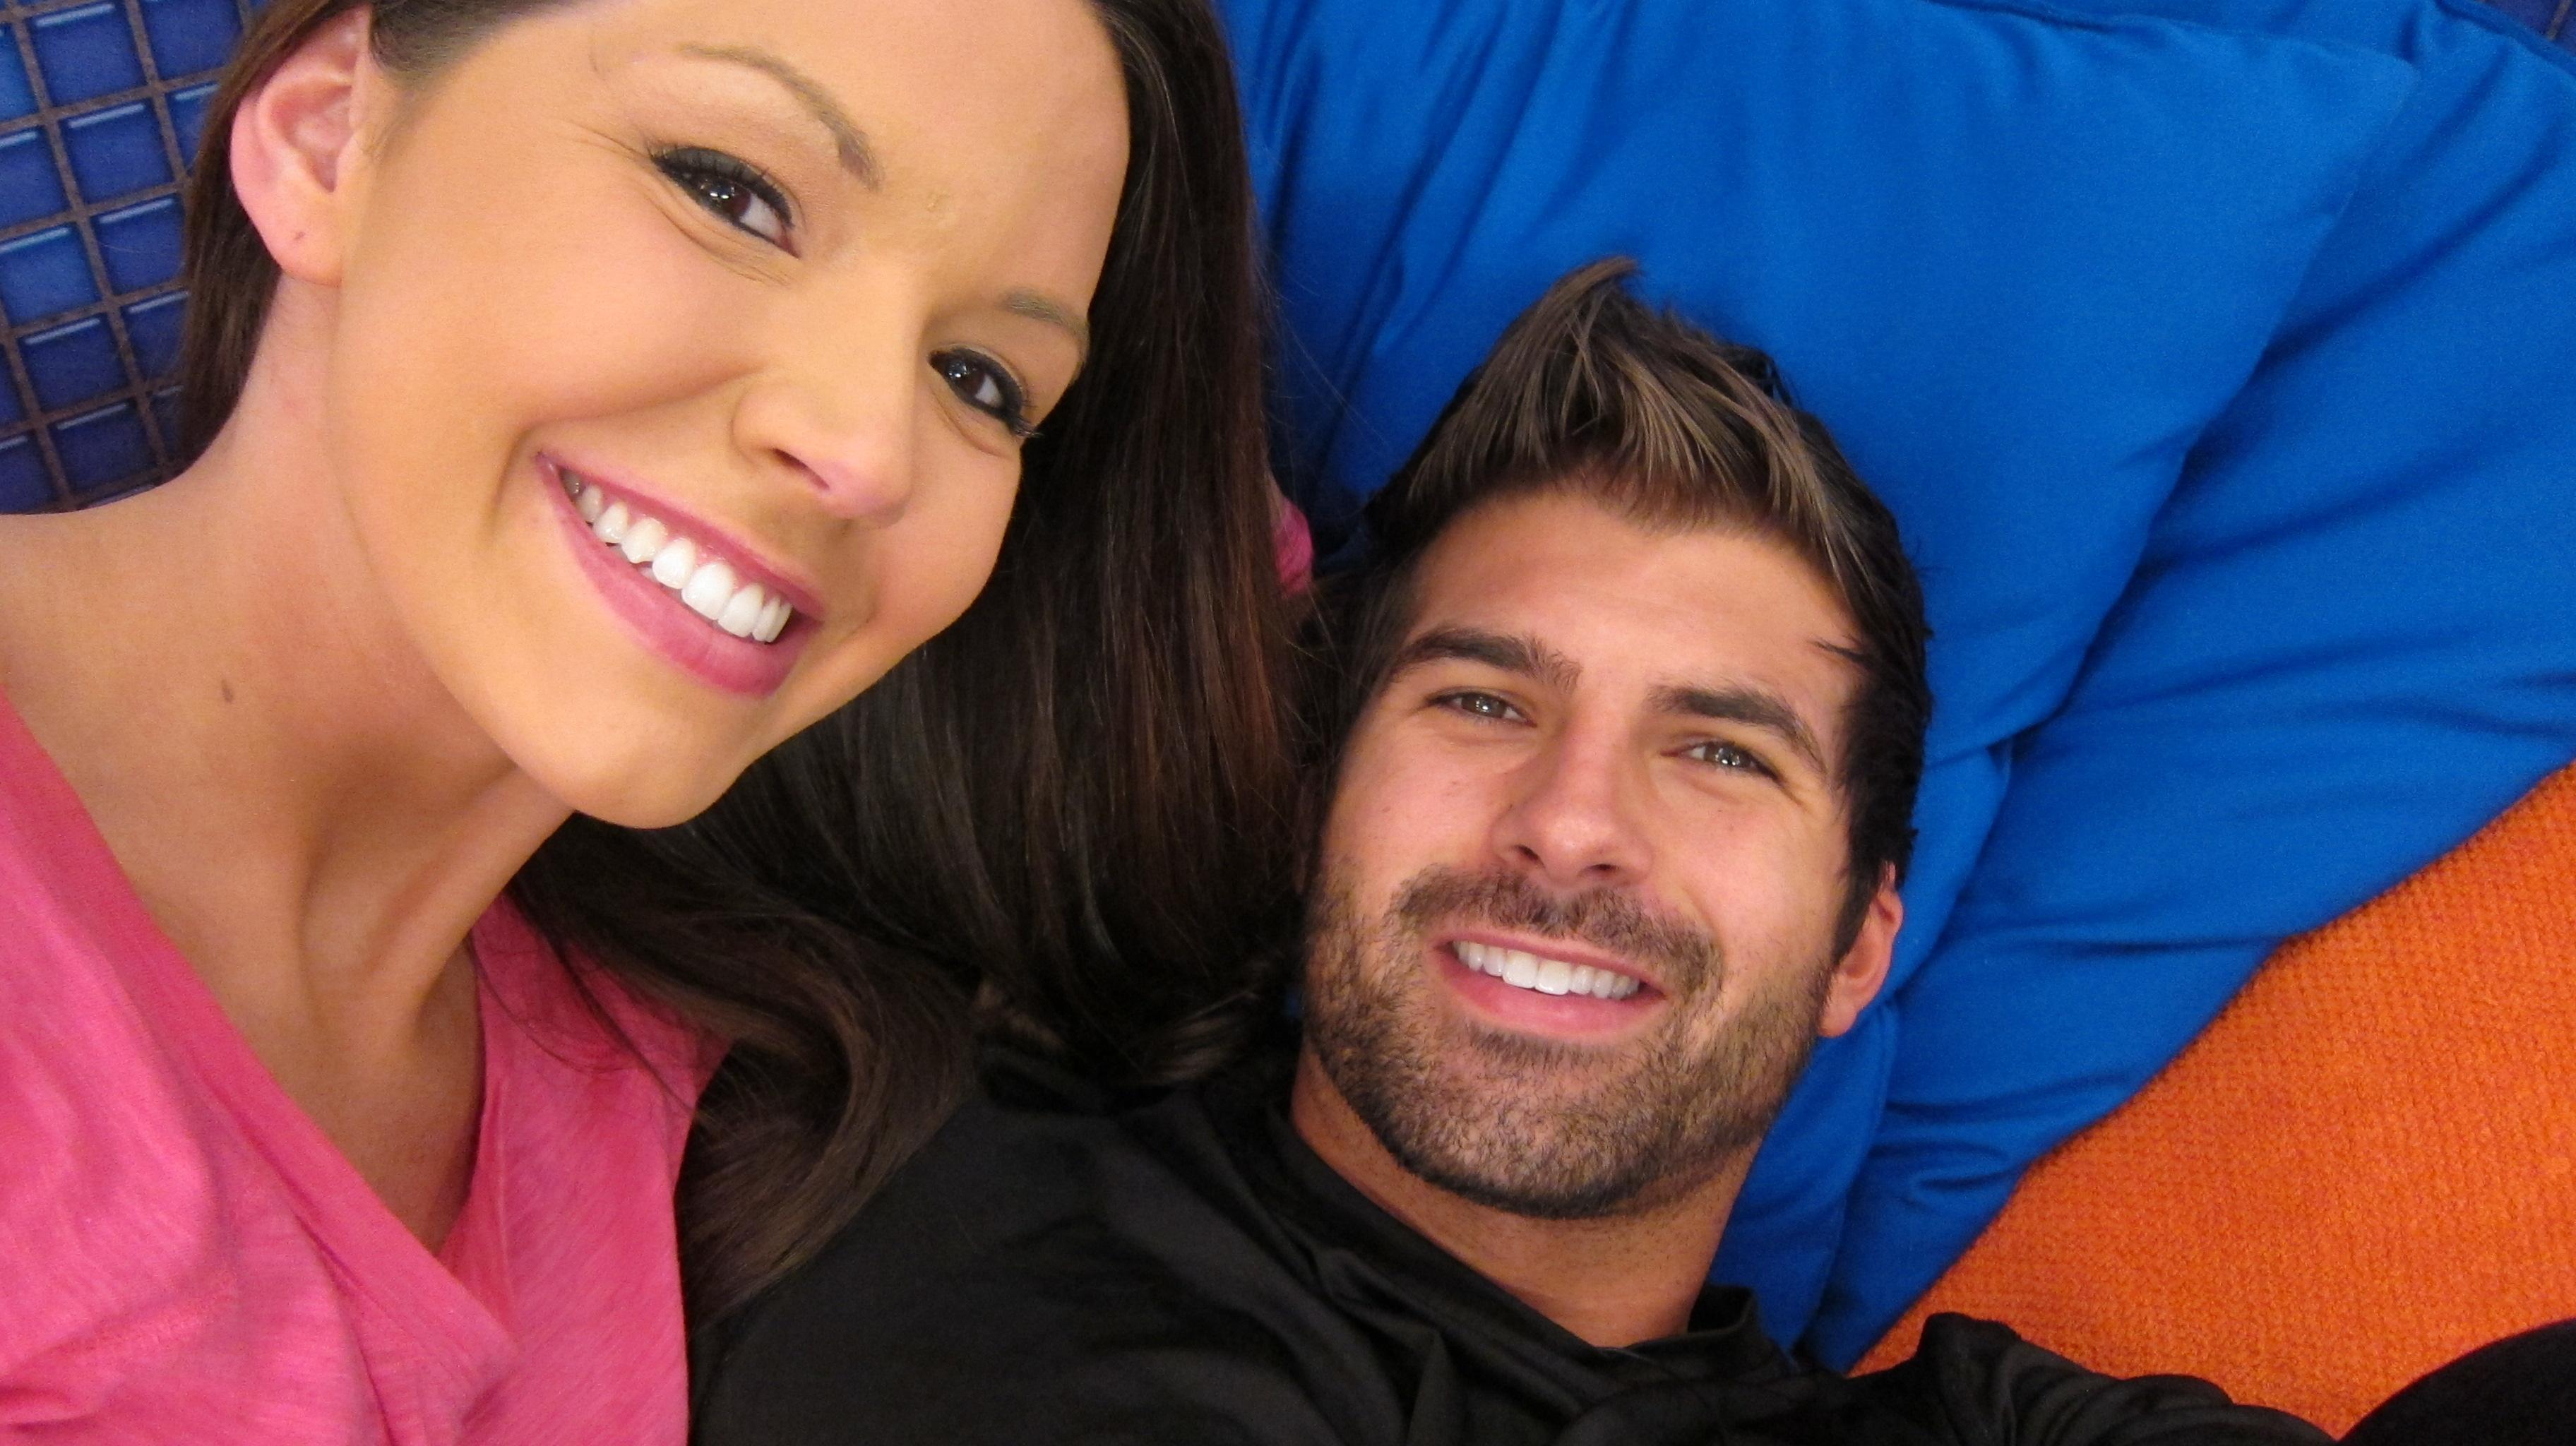 Danielle and Shane